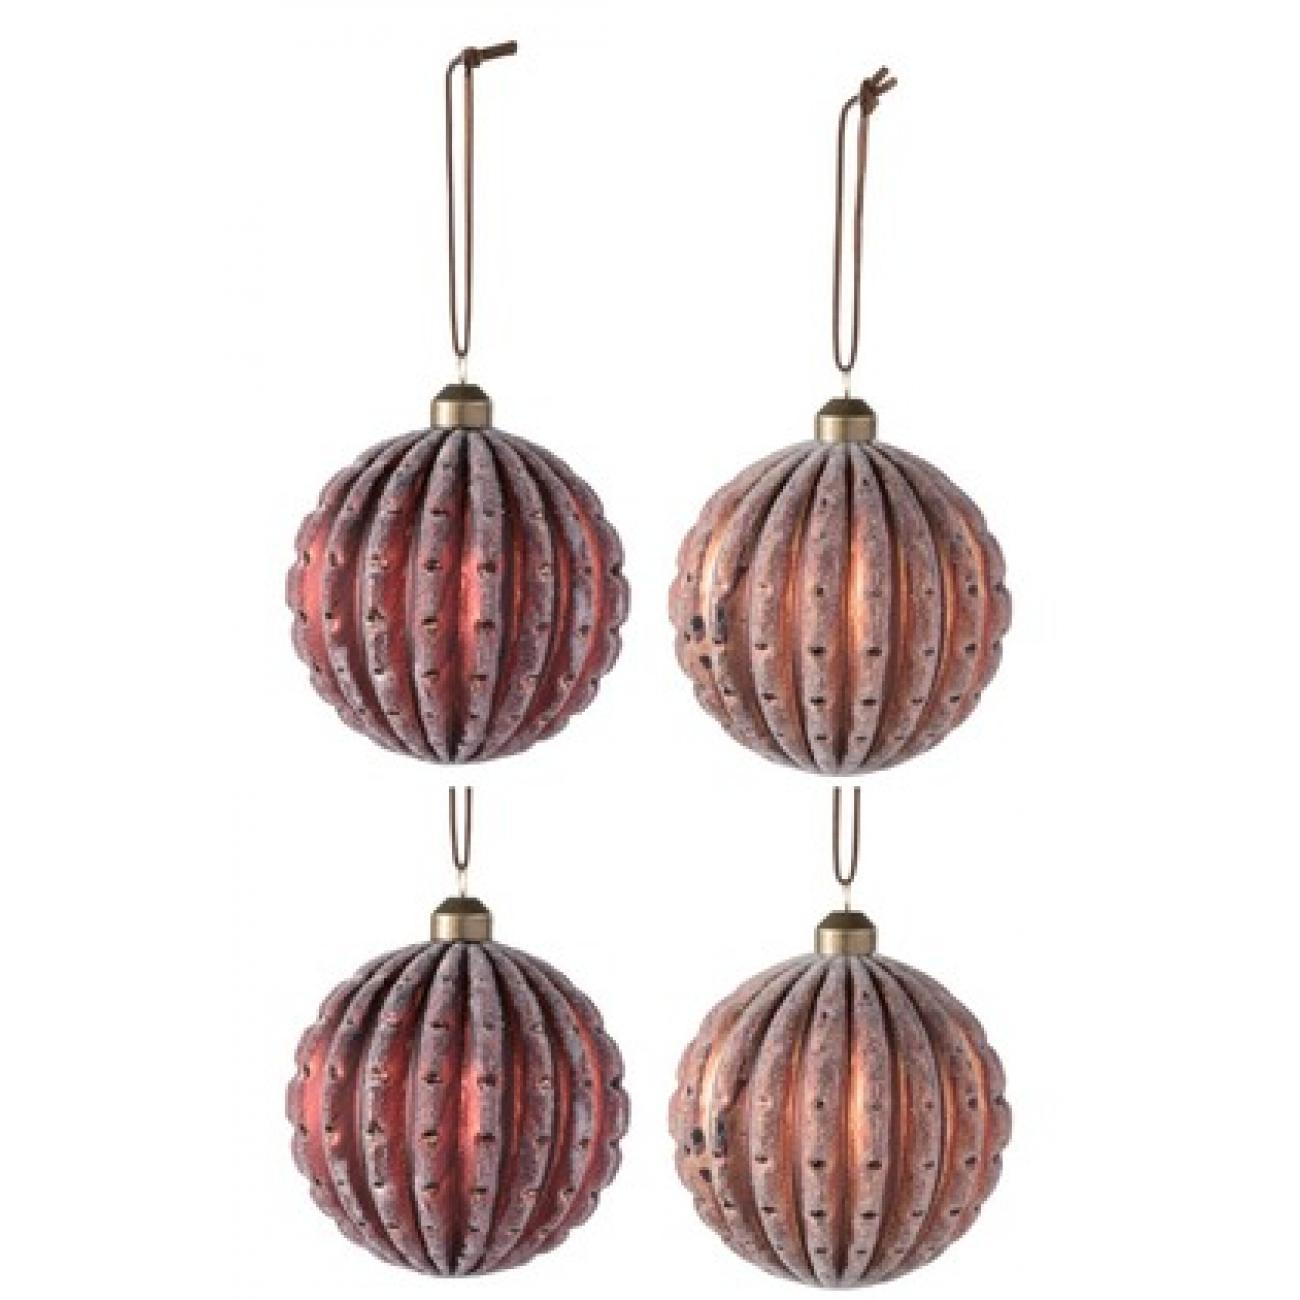 Набор елочных стеклянных шаров J-LINE ребристые красные и бронзовые диаметр 10 см